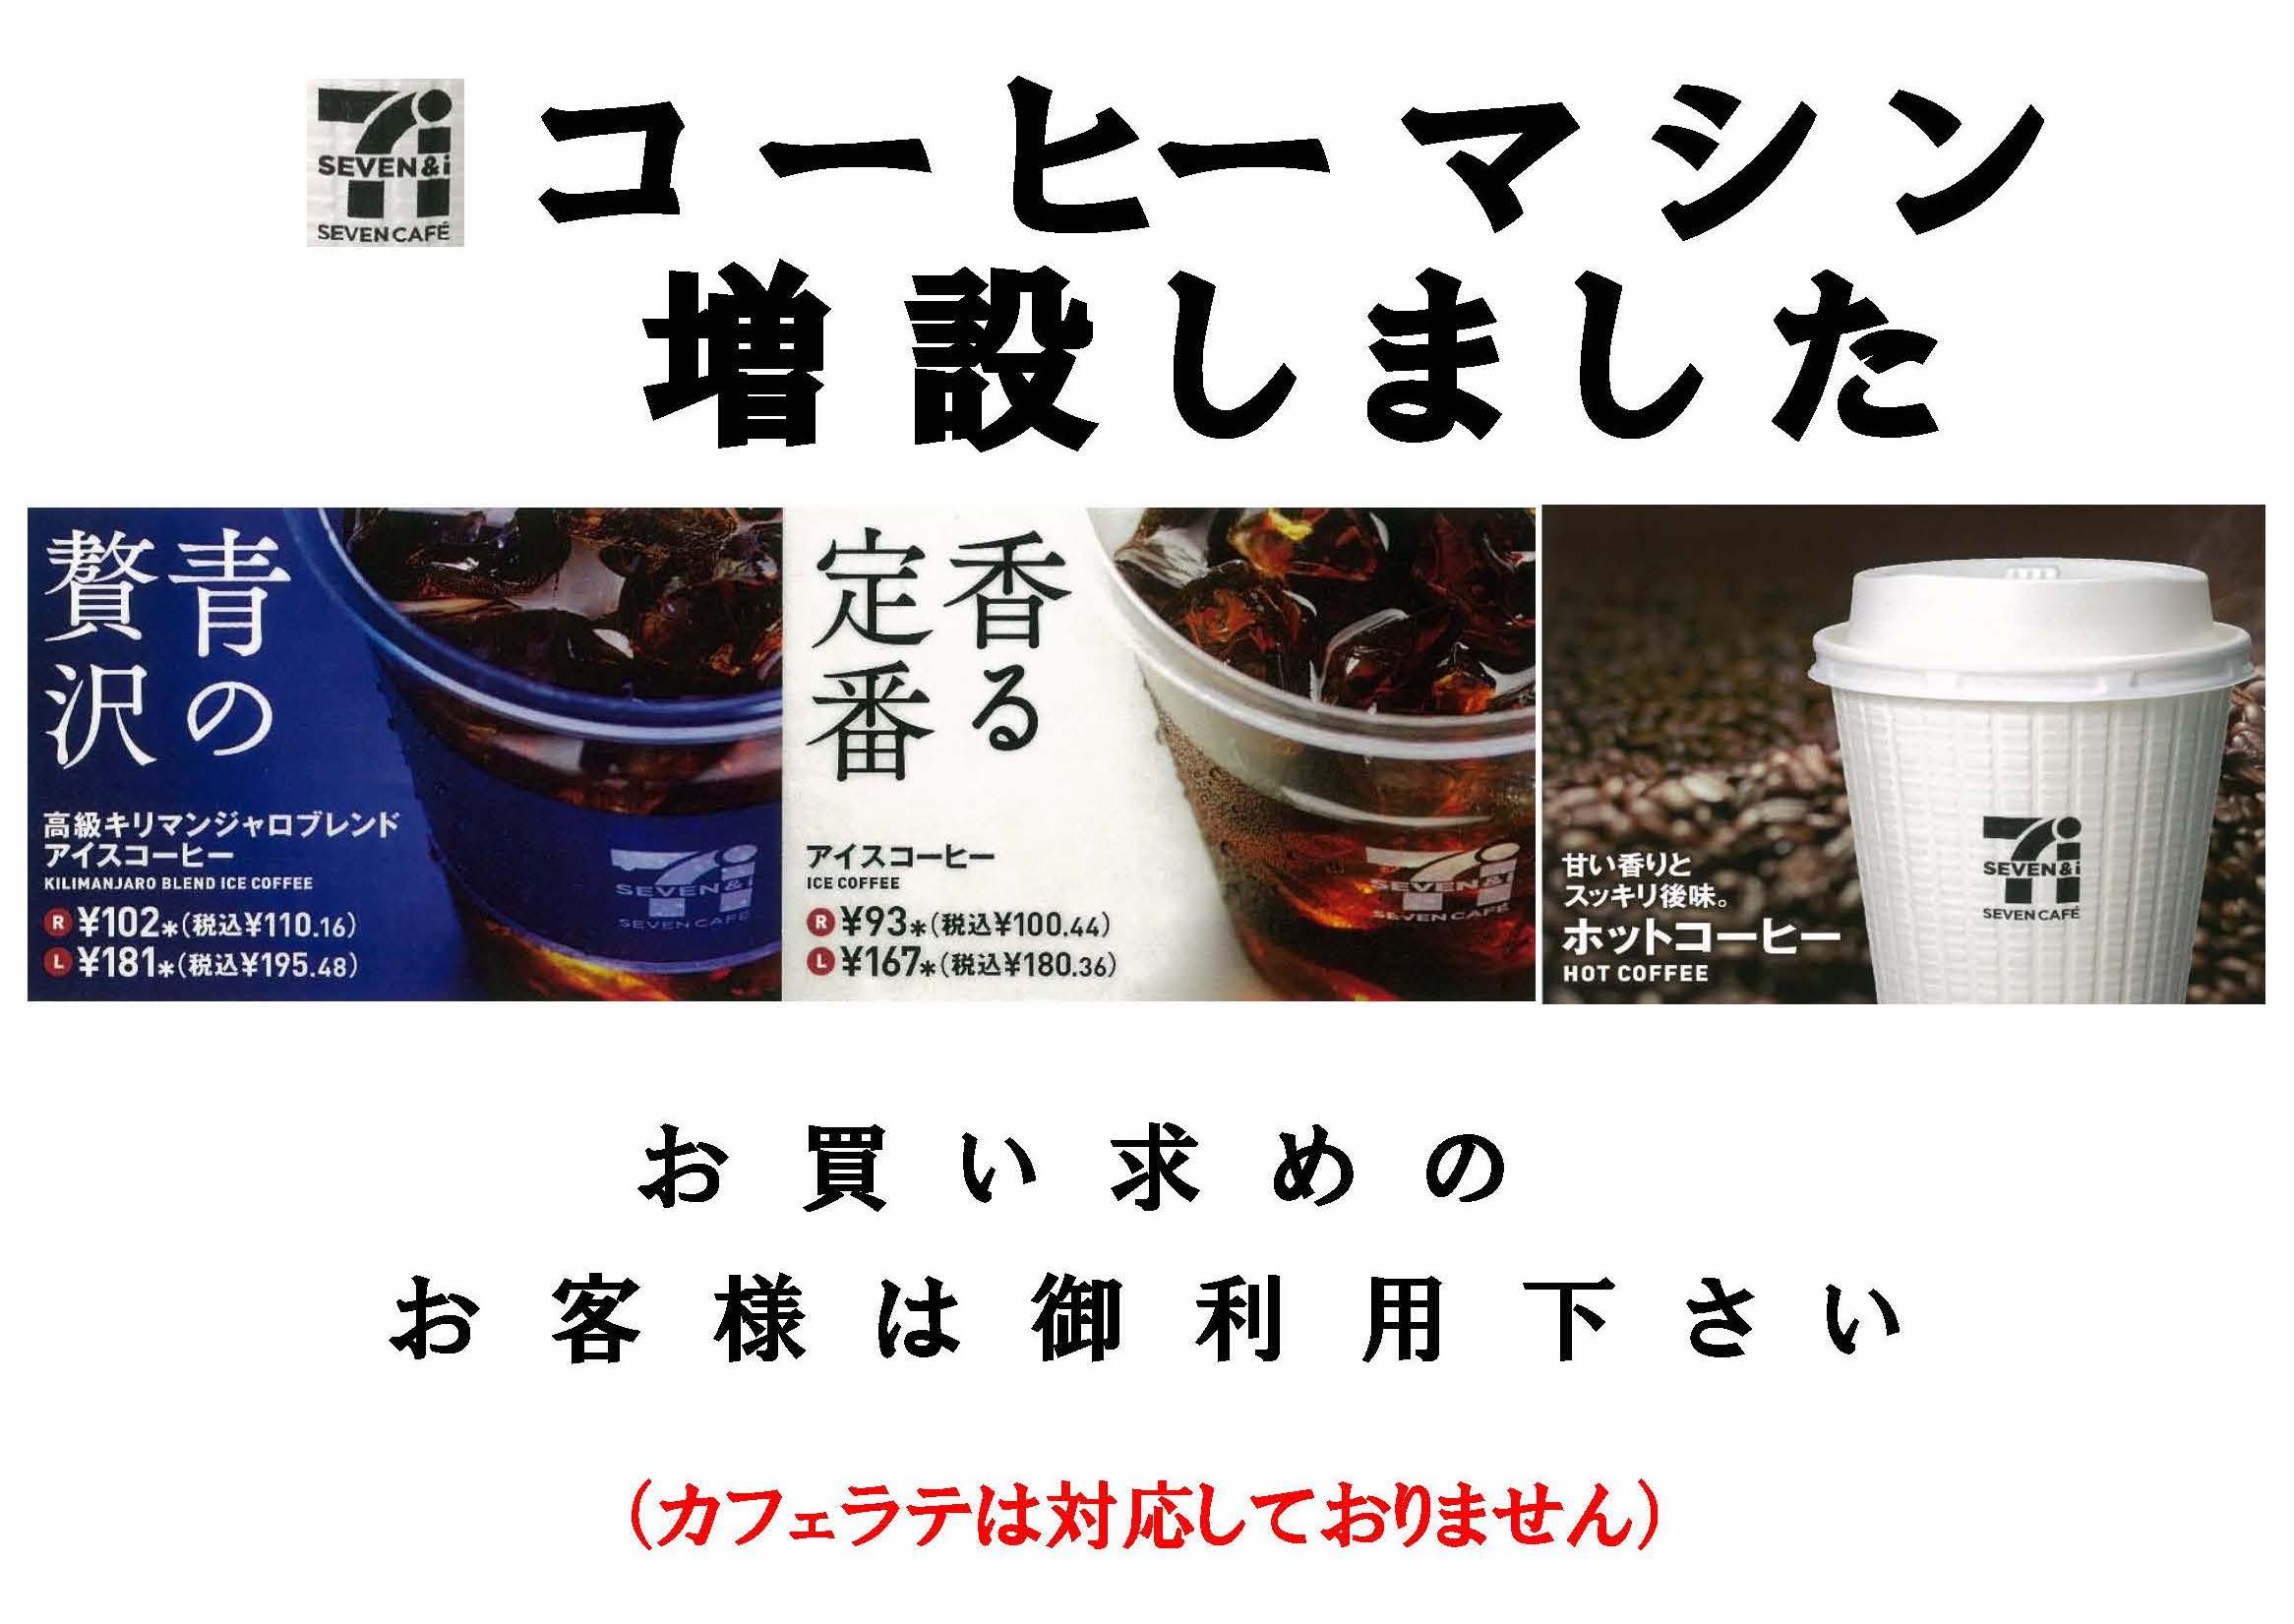 【 7カフェ 】コーヒーマシン増設しました!